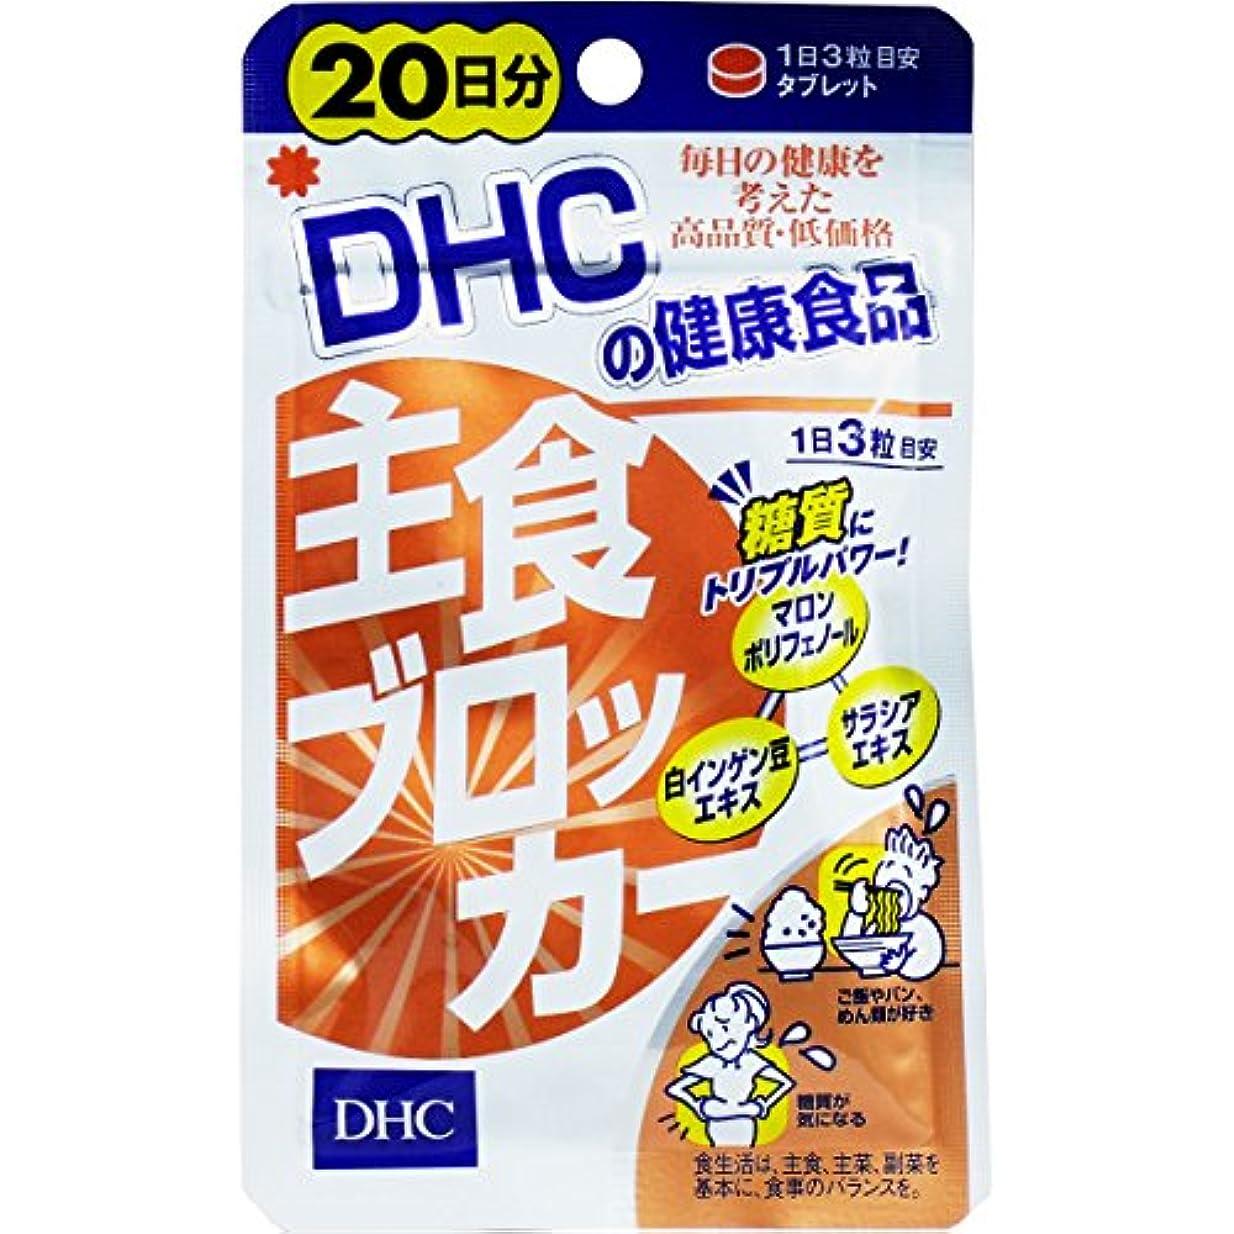 ドキドキばかげた兄ダイエット トリプルパワーでため込み対策 栄養機能食品 DHC 主食ブロッカー 20日分 60粒入【2個セット】